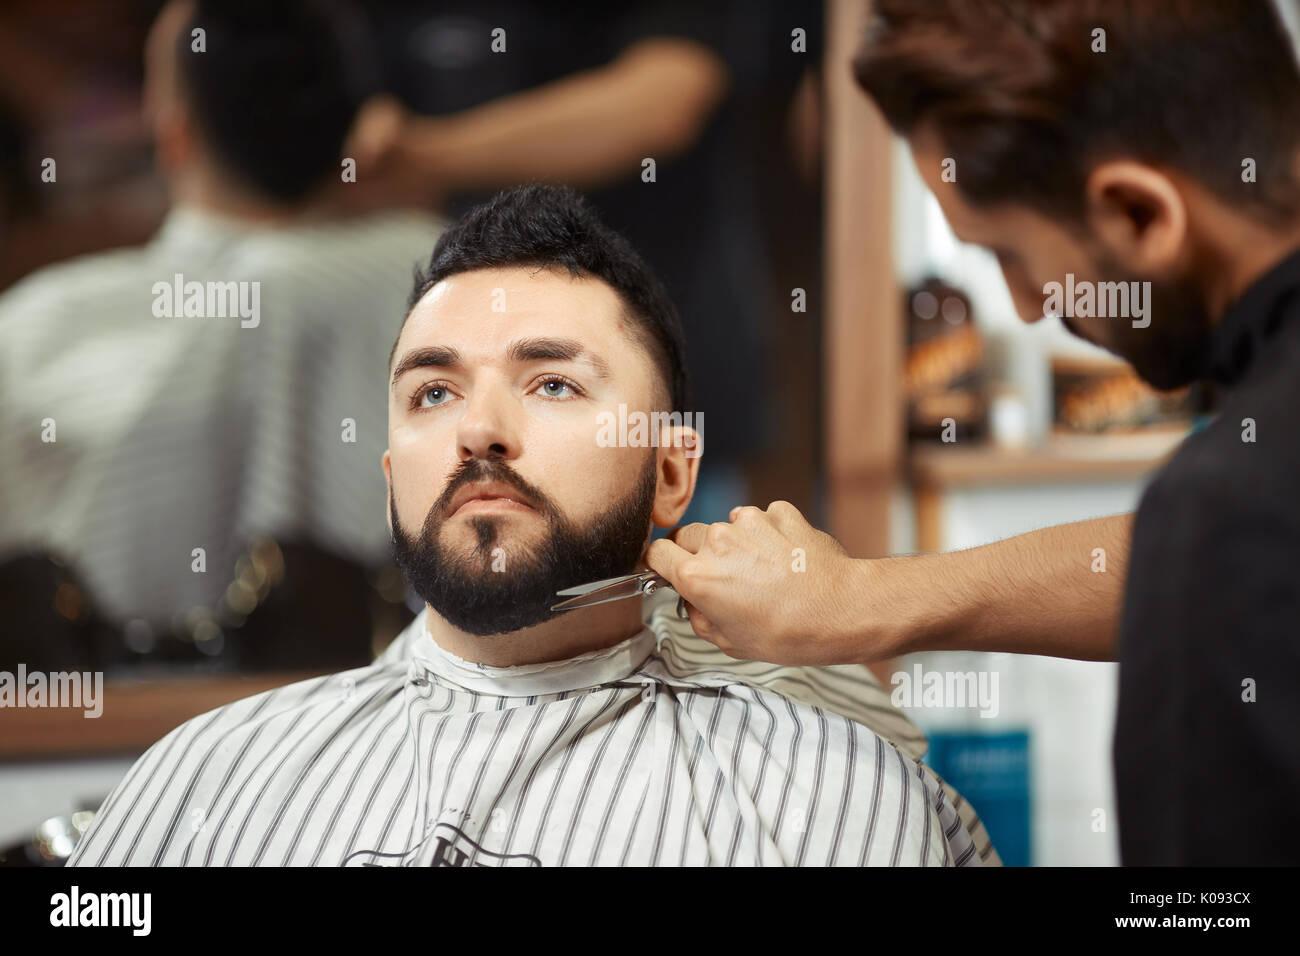 Barbiere toelettatura uomo in cattedra Immagini Stock